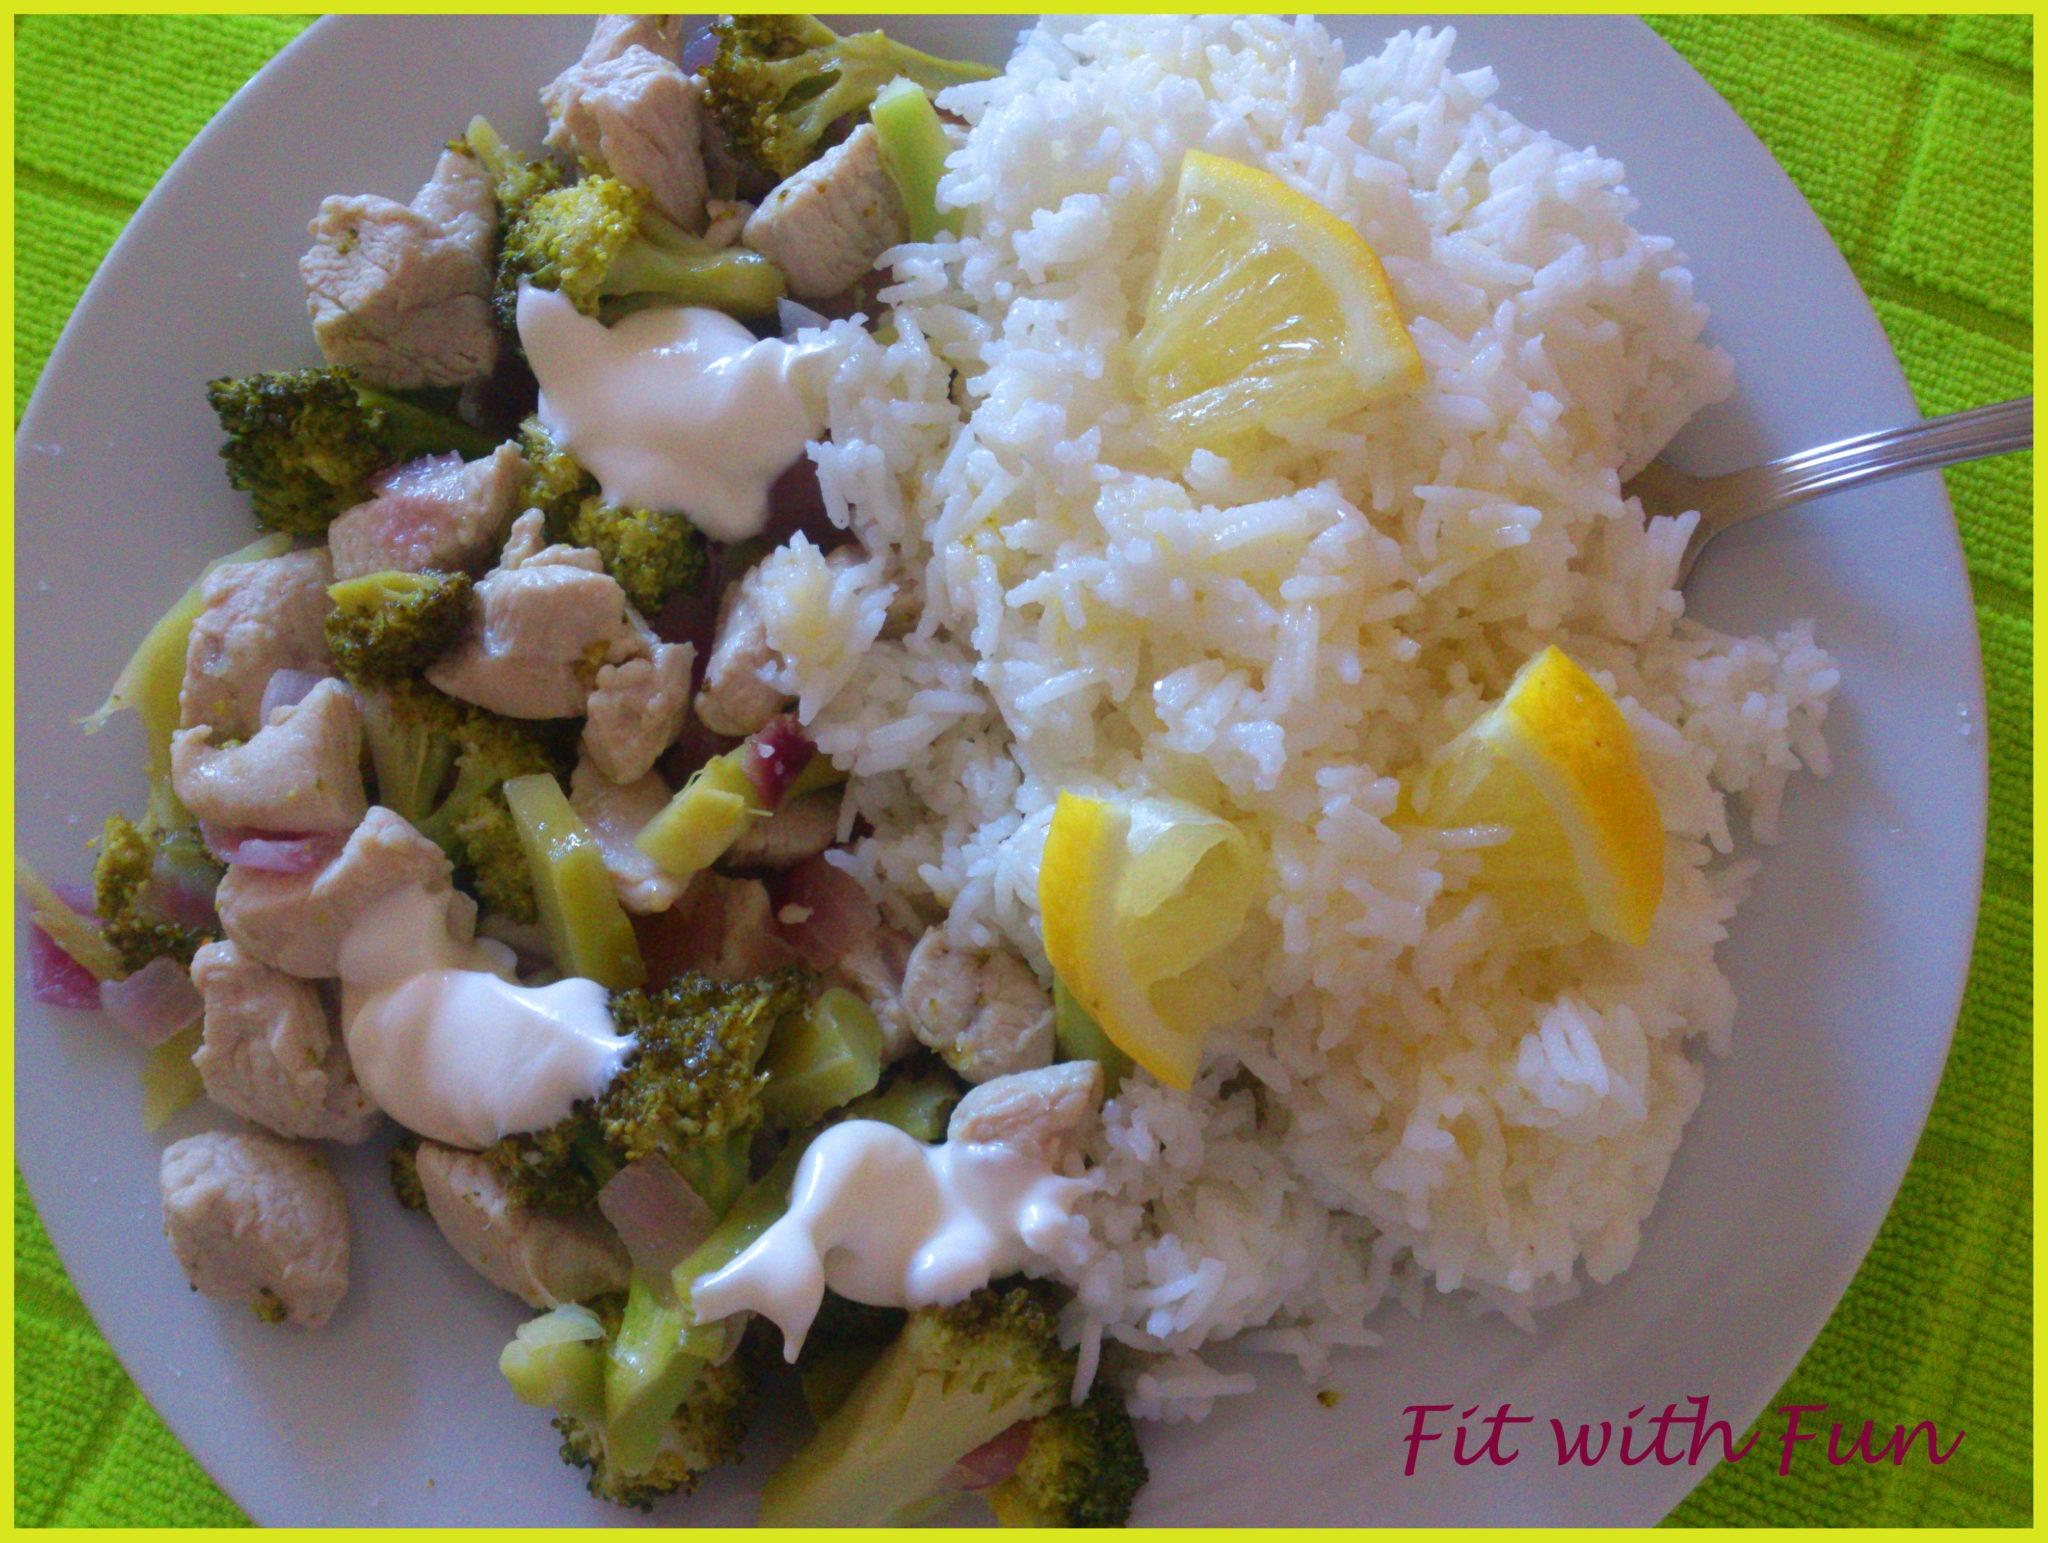 ricette dietetiche di pollo paleo